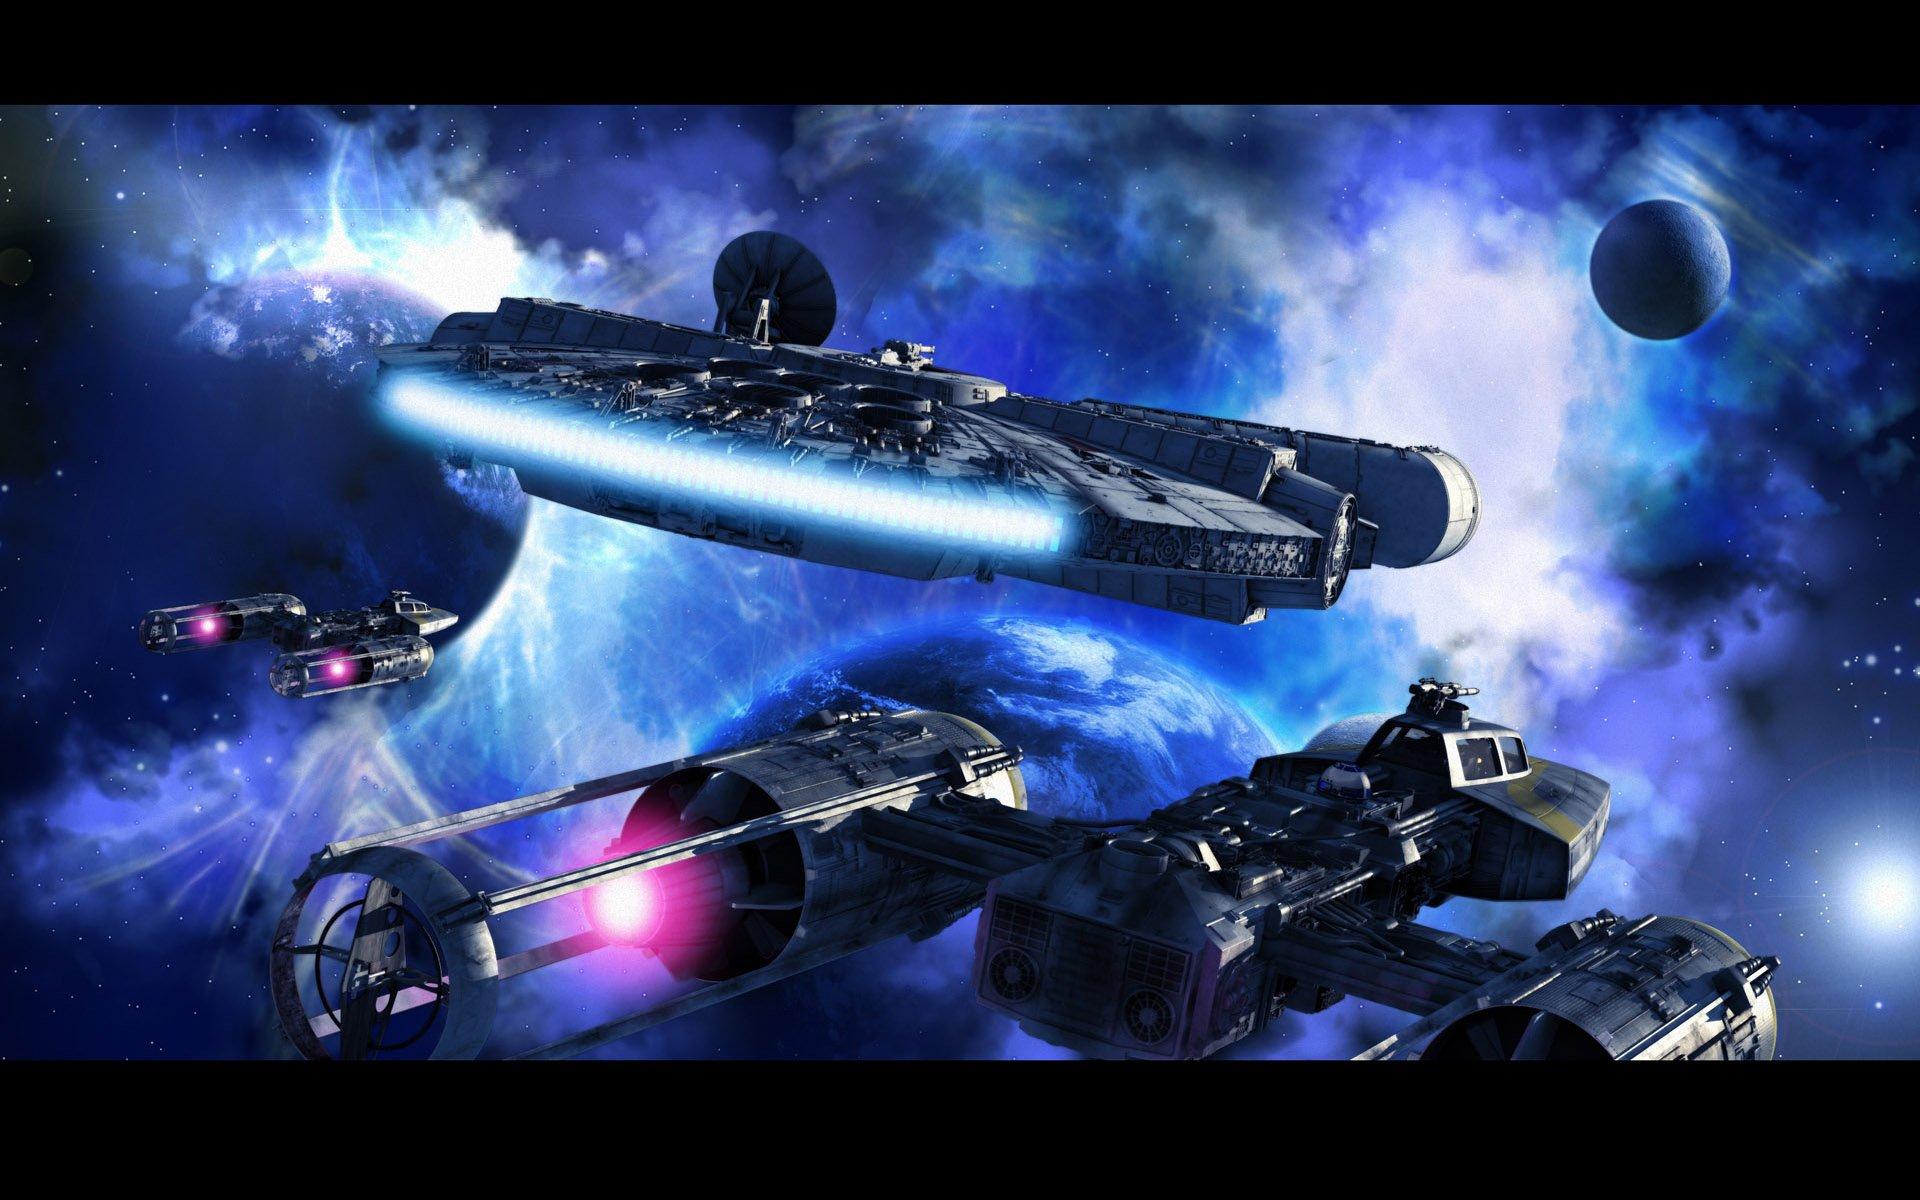 Star Wars movies sci fi futuristic space planets wallpaper 1920x1200 1920x1200